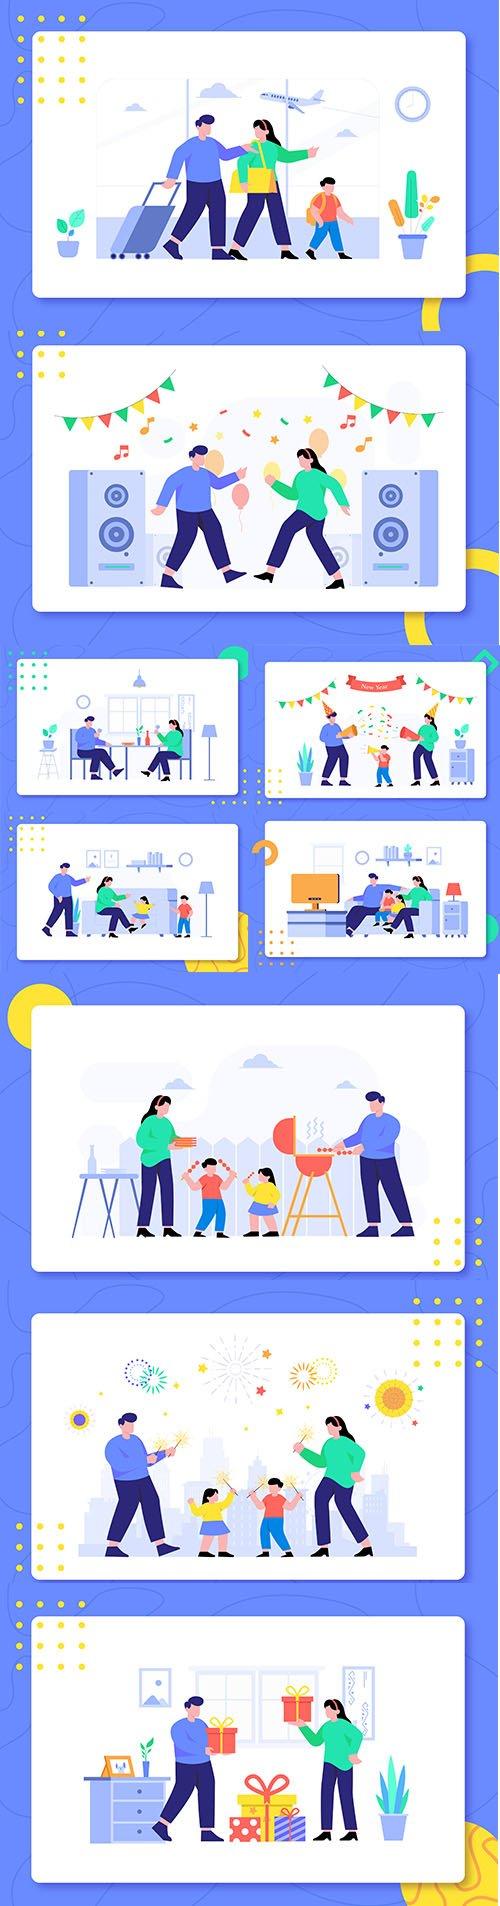 Family Activity Together Design Illustration Set